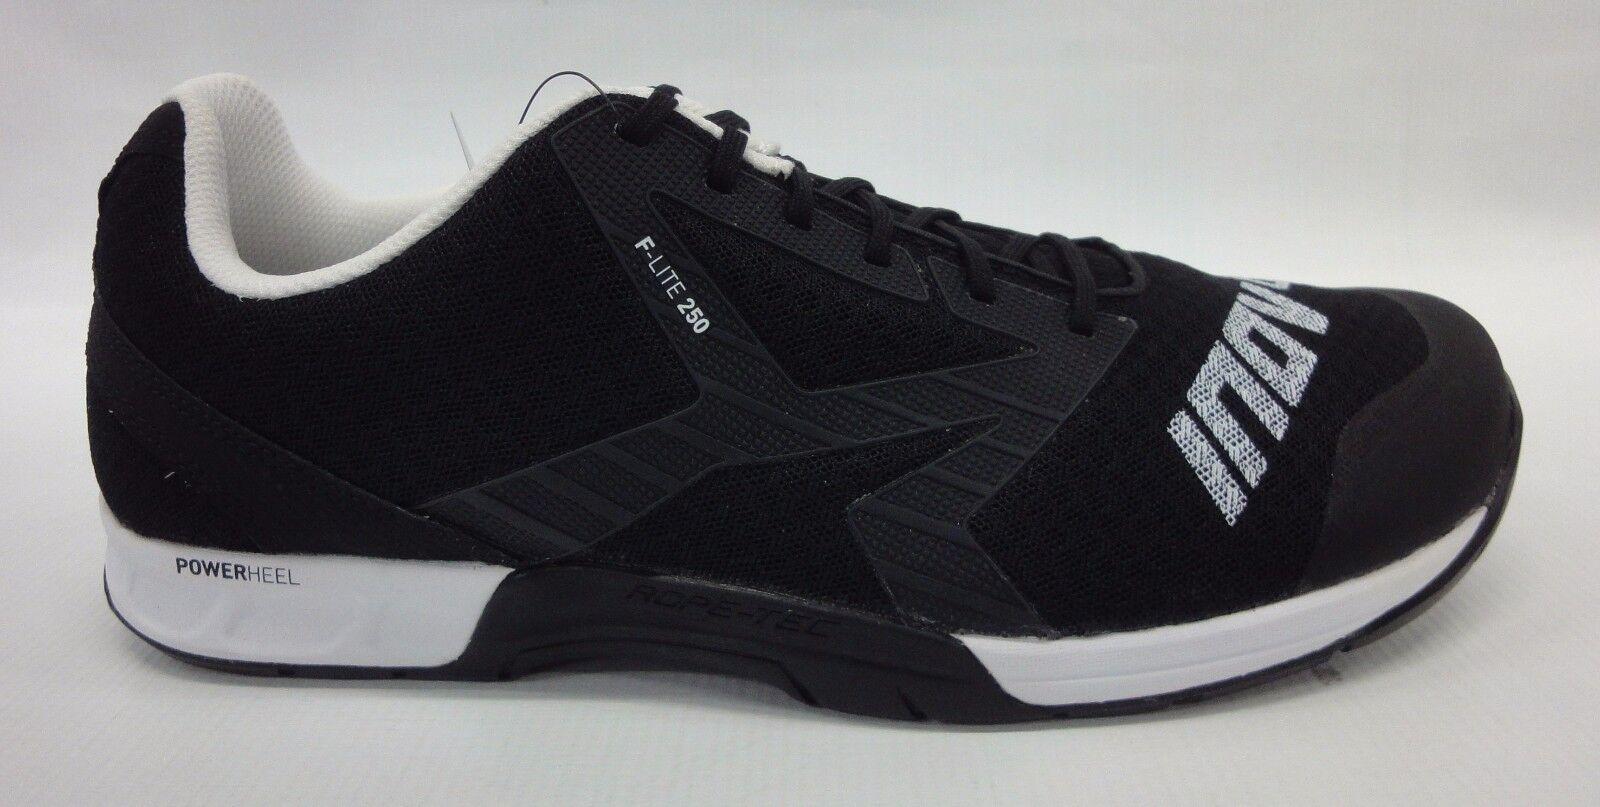 Inov-8 Mens F-Lite 250 Shoes 000039 Black/White Size 9.5